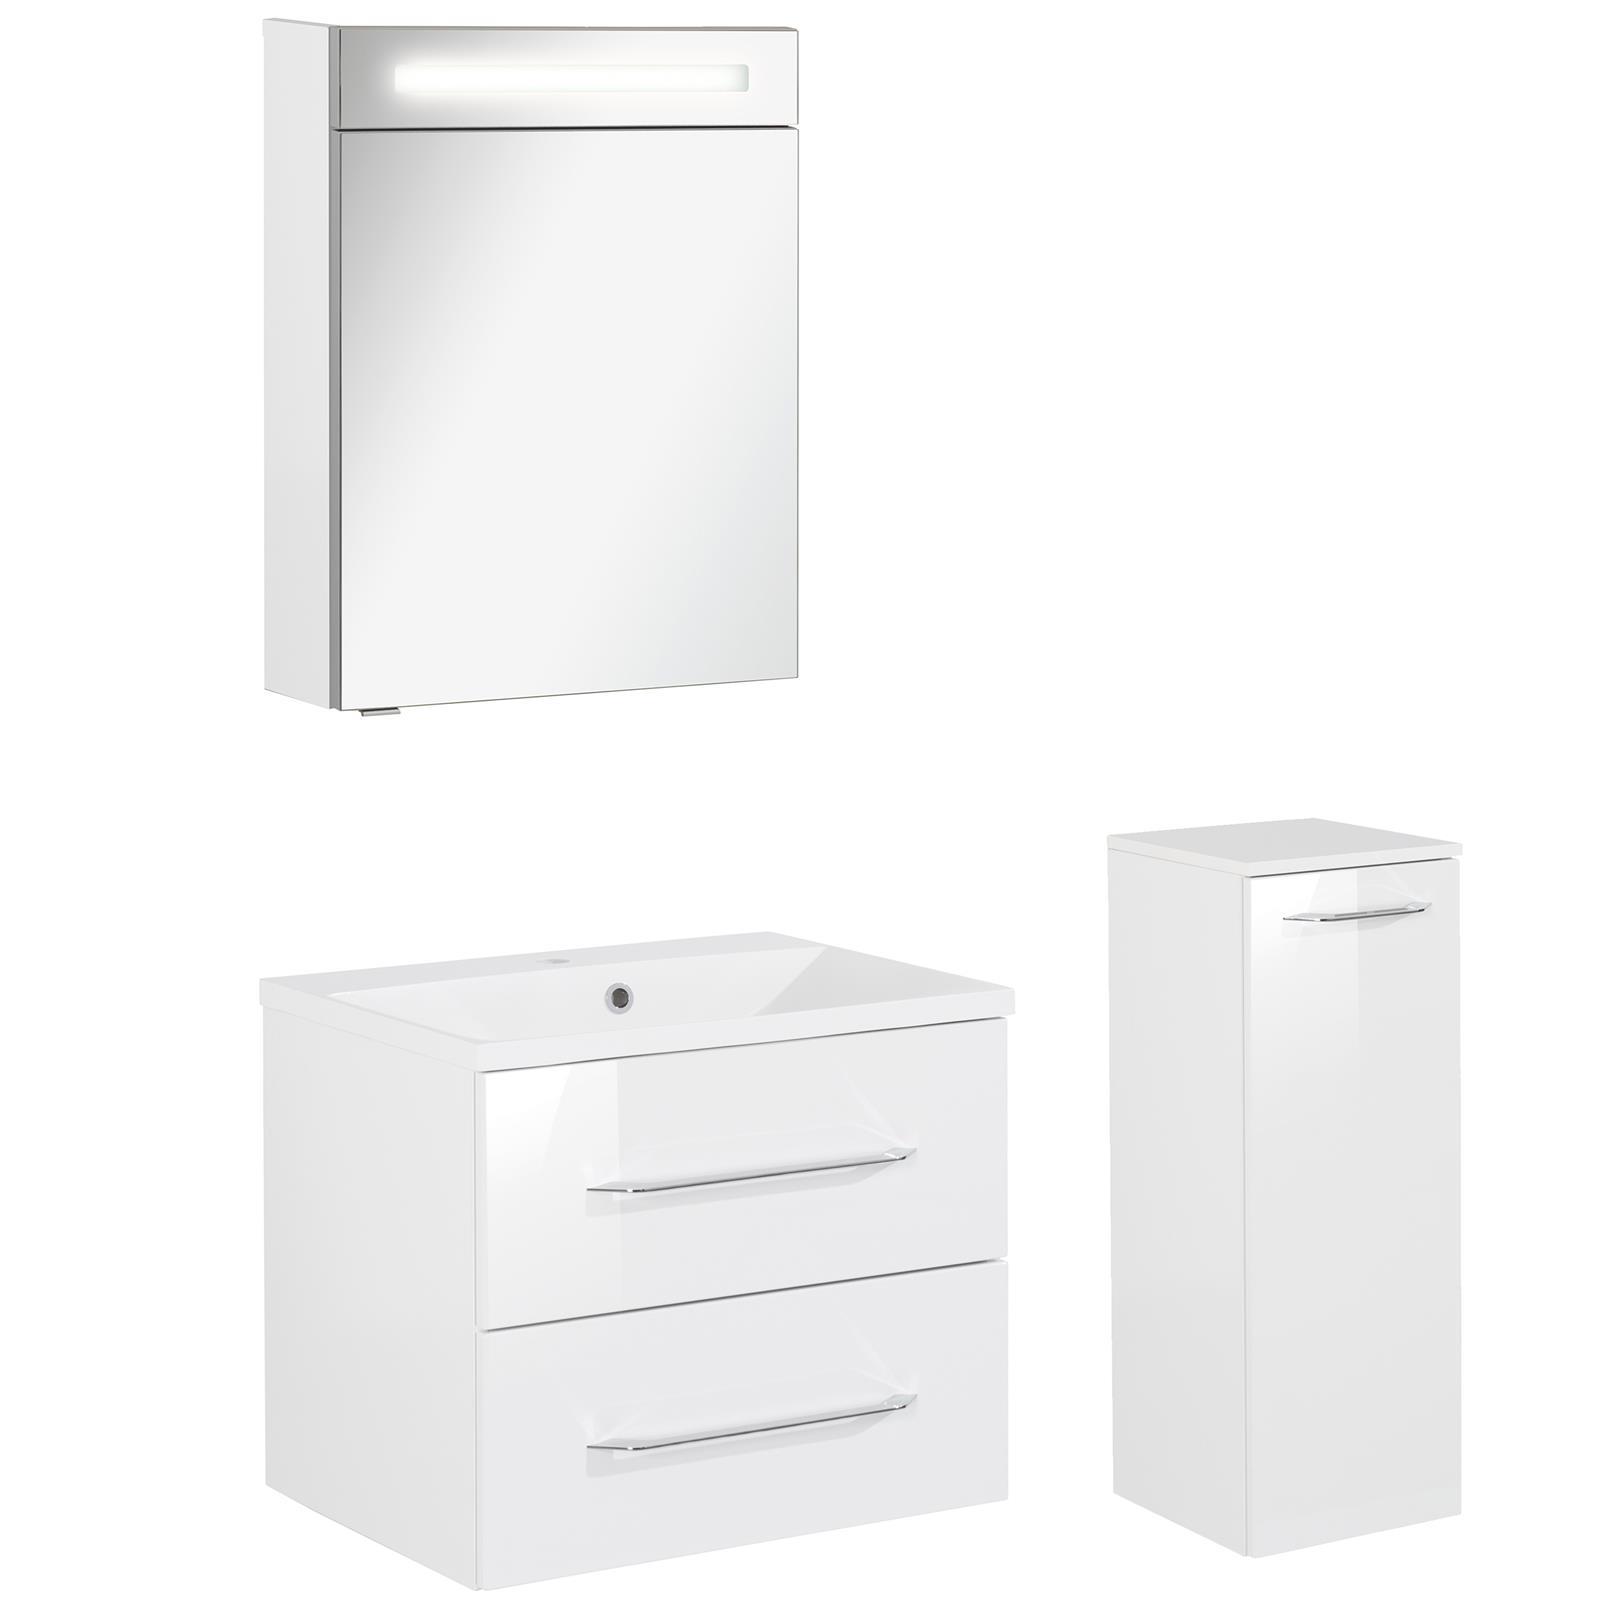 fackelmann badm bel set b clever 3 tlg 60 cm wei inkl led spiegelschrank mm comsale. Black Bedroom Furniture Sets. Home Design Ideas